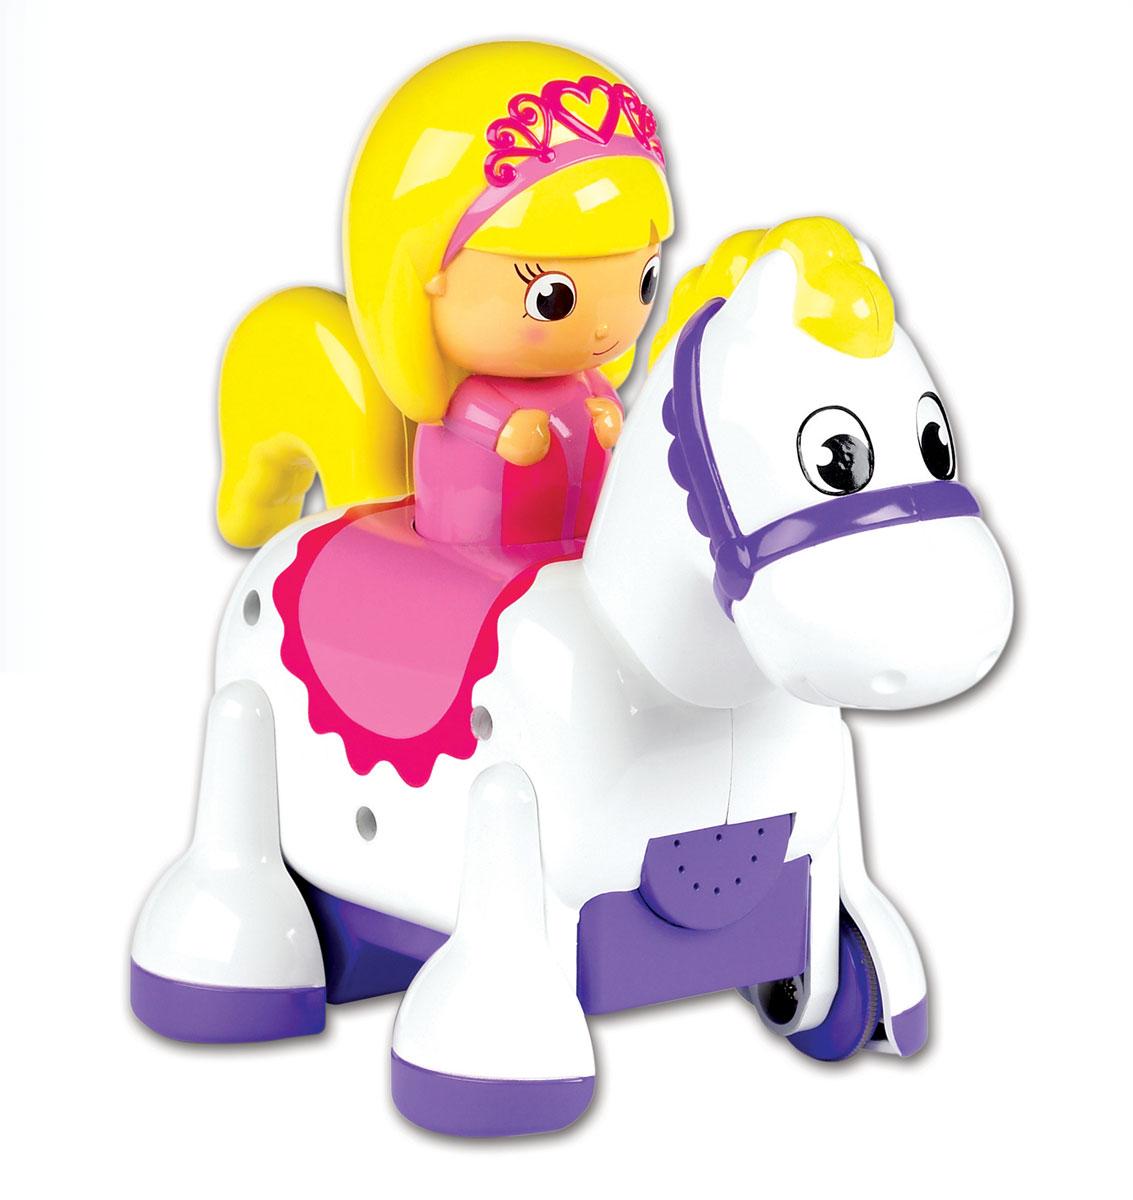 Tomy Развивающая игрушка Принцесса игровые наборы tomy britains big farm фермерский прицеп со свинками